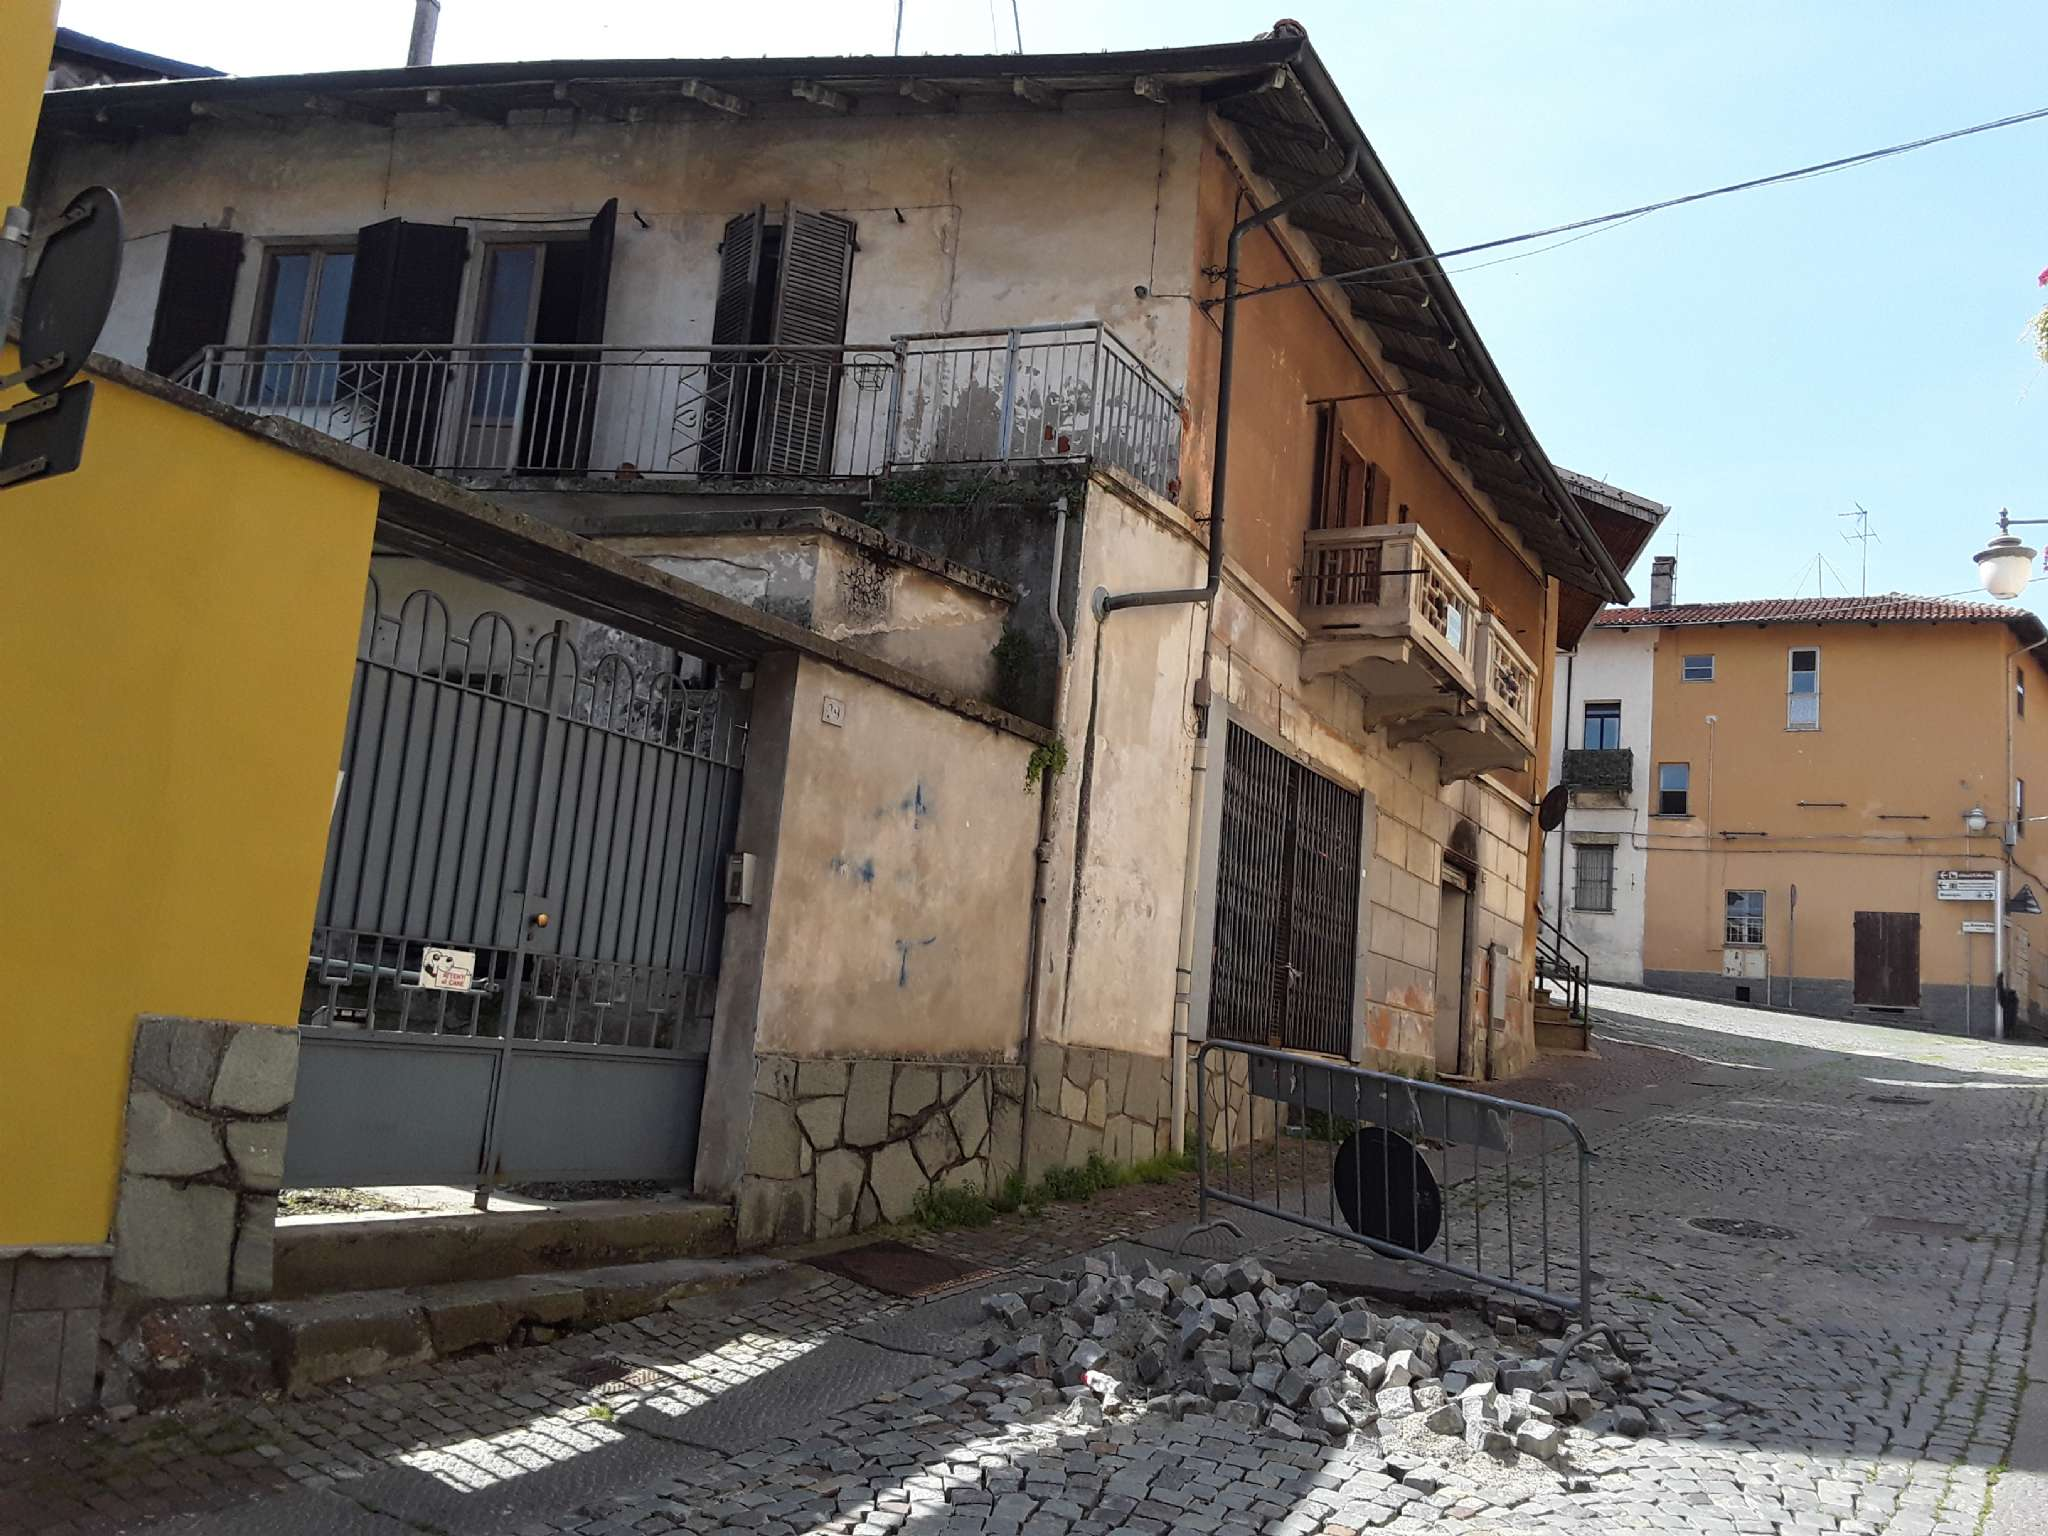 Rustico / Casale in vendita a Alpignano, 7 locali, prezzo € 100.000 | CambioCasa.it